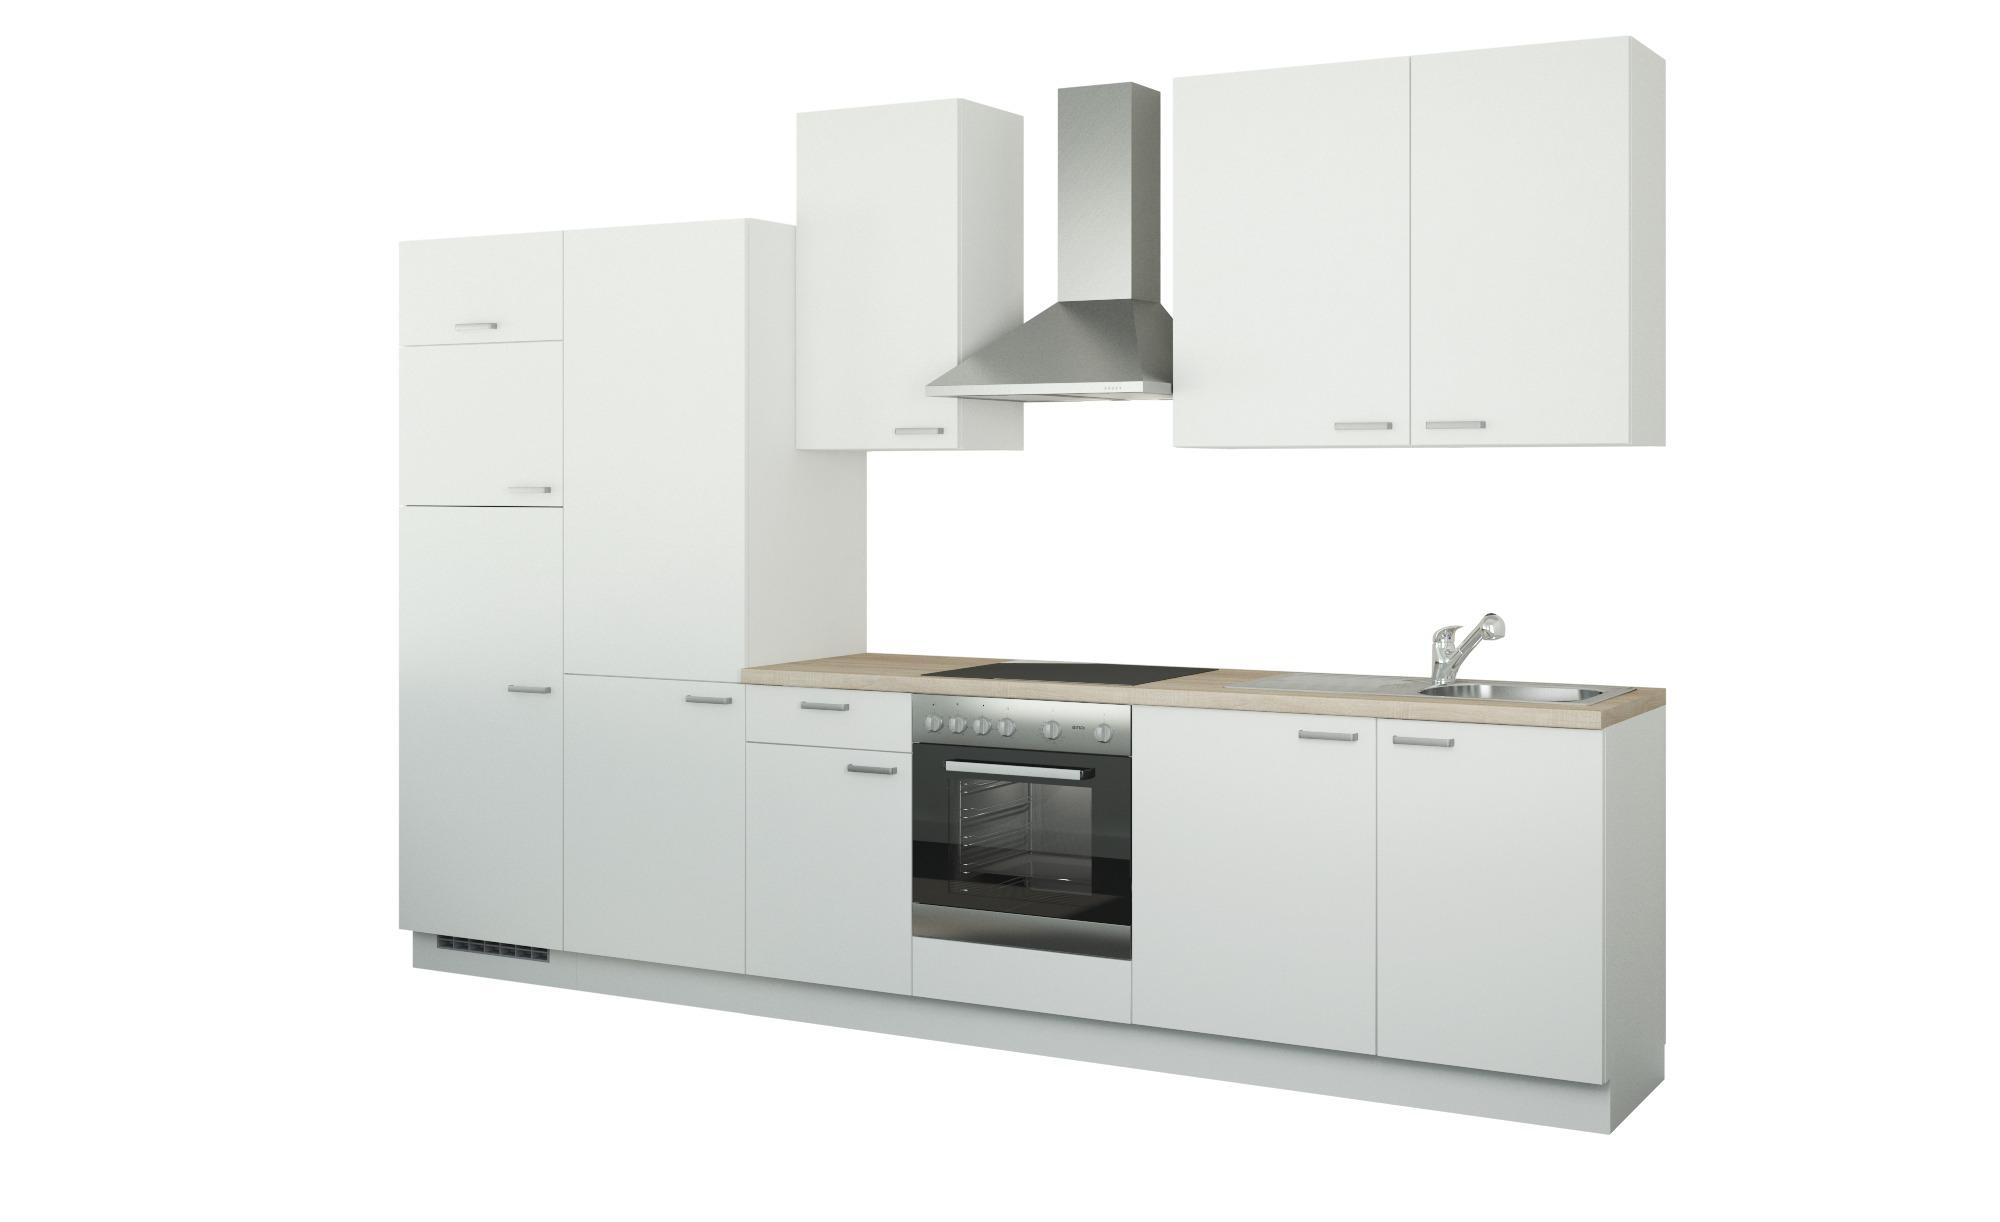 Küchenzeile mit Elektrogeräten - weiß - Aktuelle Gutschein Aktion > Schlafz günstig online kaufen